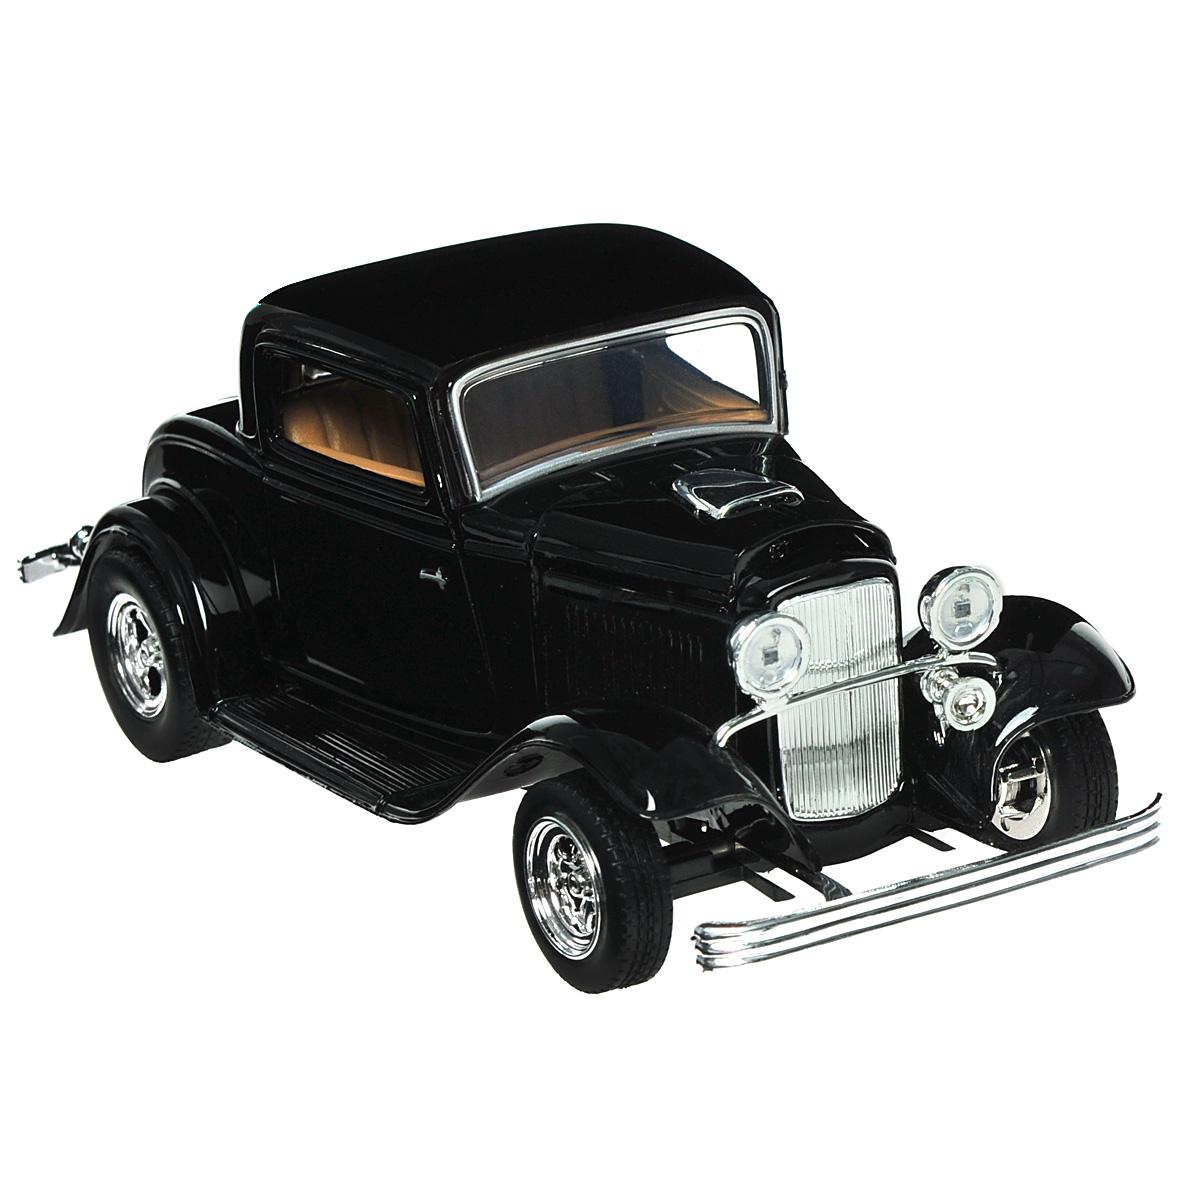 Купить Коллекционная модель MotorMax 1932 Ford Coupe , цвет: черный. Масштаб 1/24, MOTORMAX TOY FACTORY, Машинки